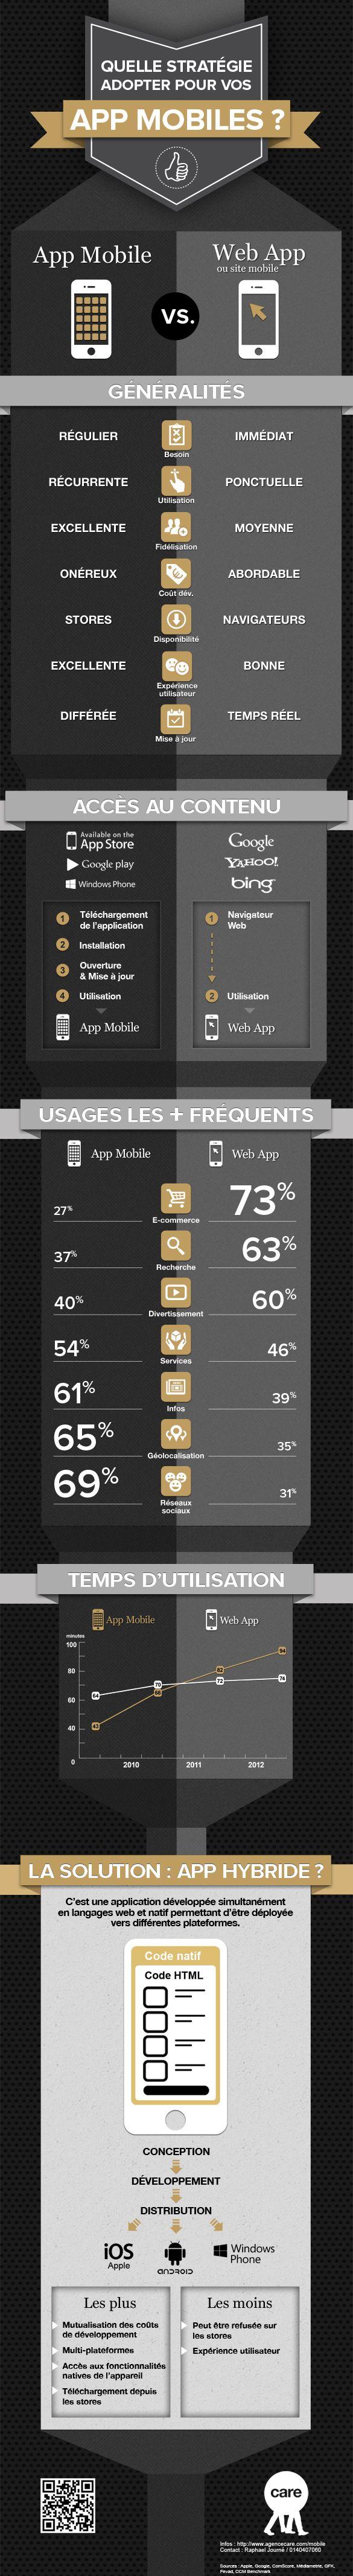 Quelle stratégie adopter pour vos app mobiles ? (app vs webapp)